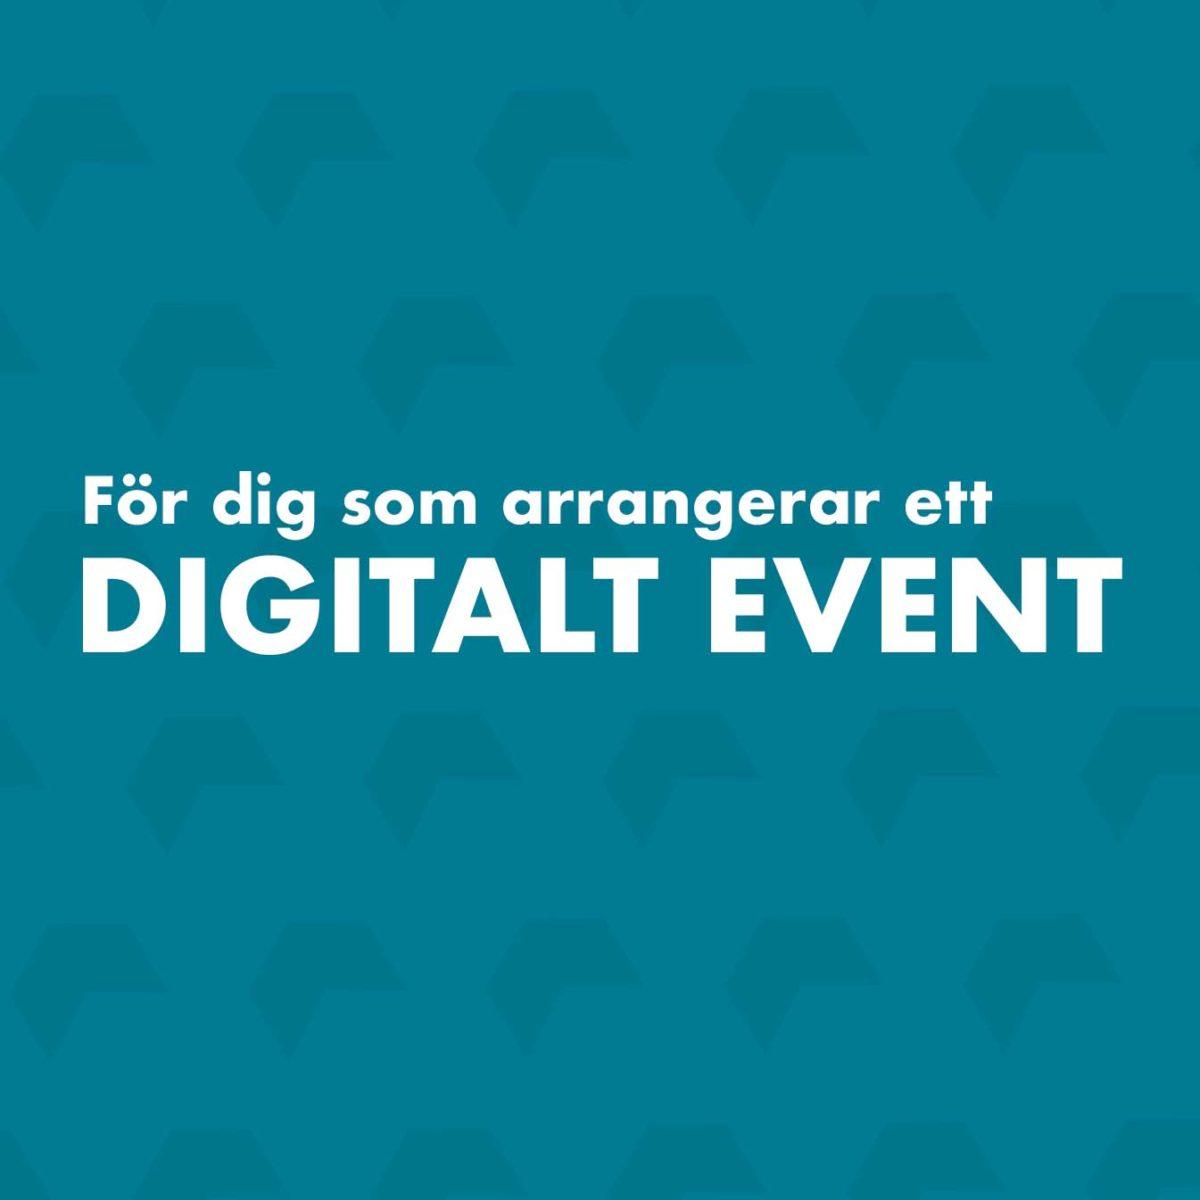 För dig som arrangerar ett digitalt event.